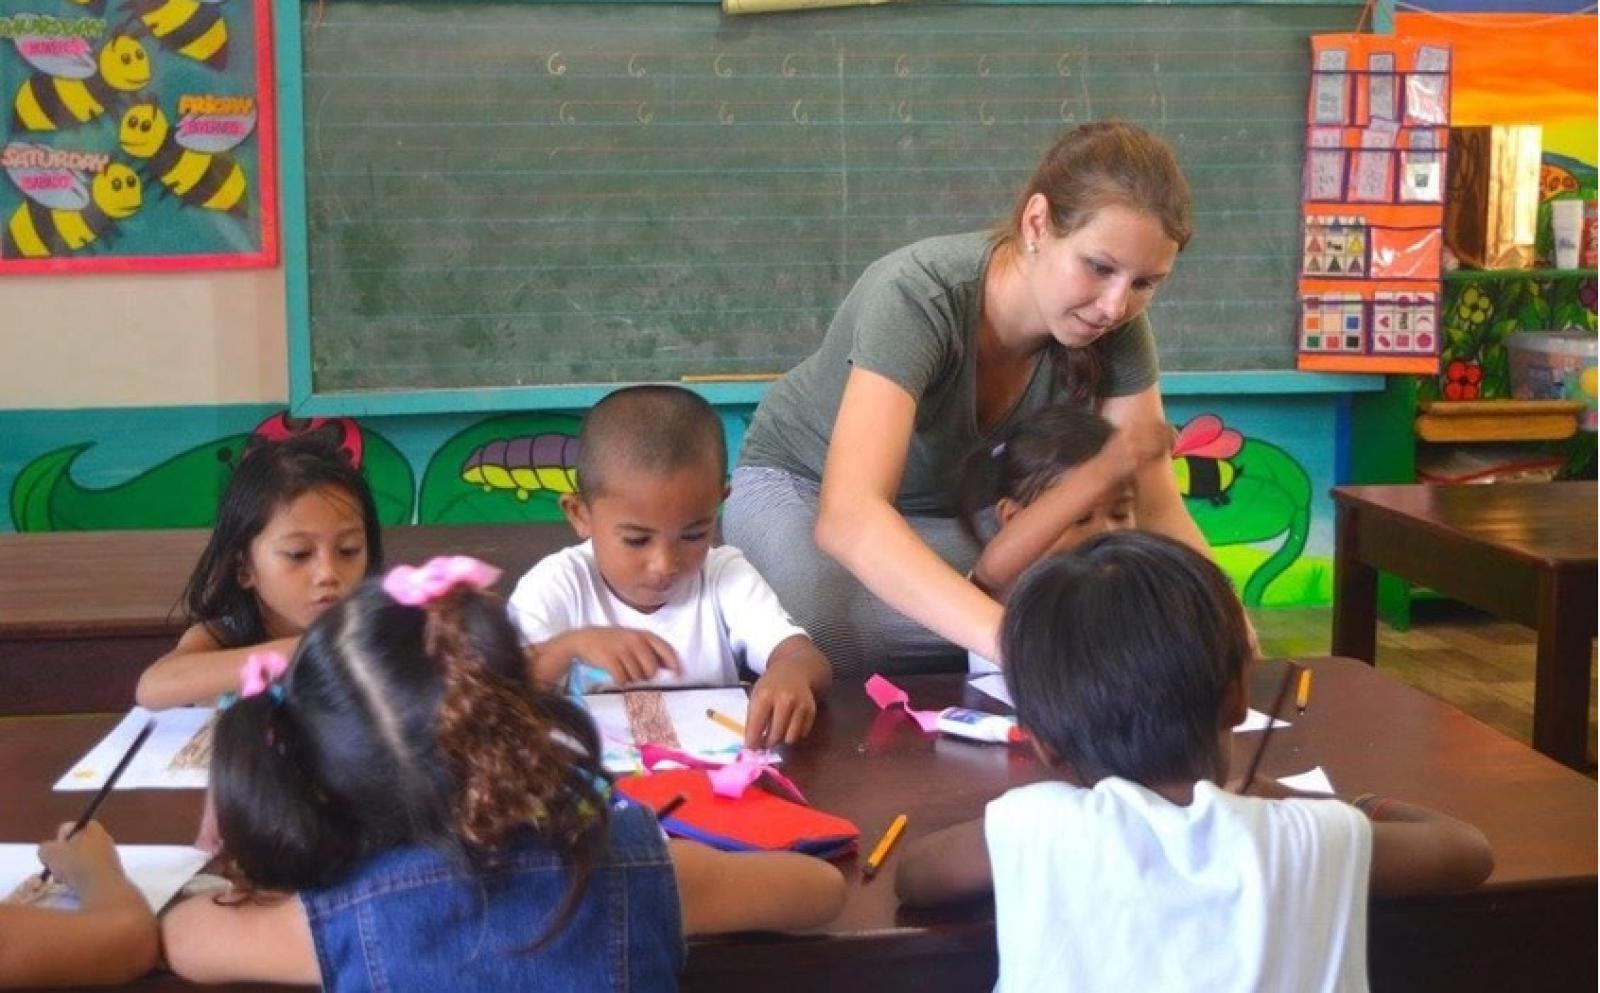 Une volontaire de Projects Abroad dirige un atelier d'arts plastiques avec des enfants aux Philippines